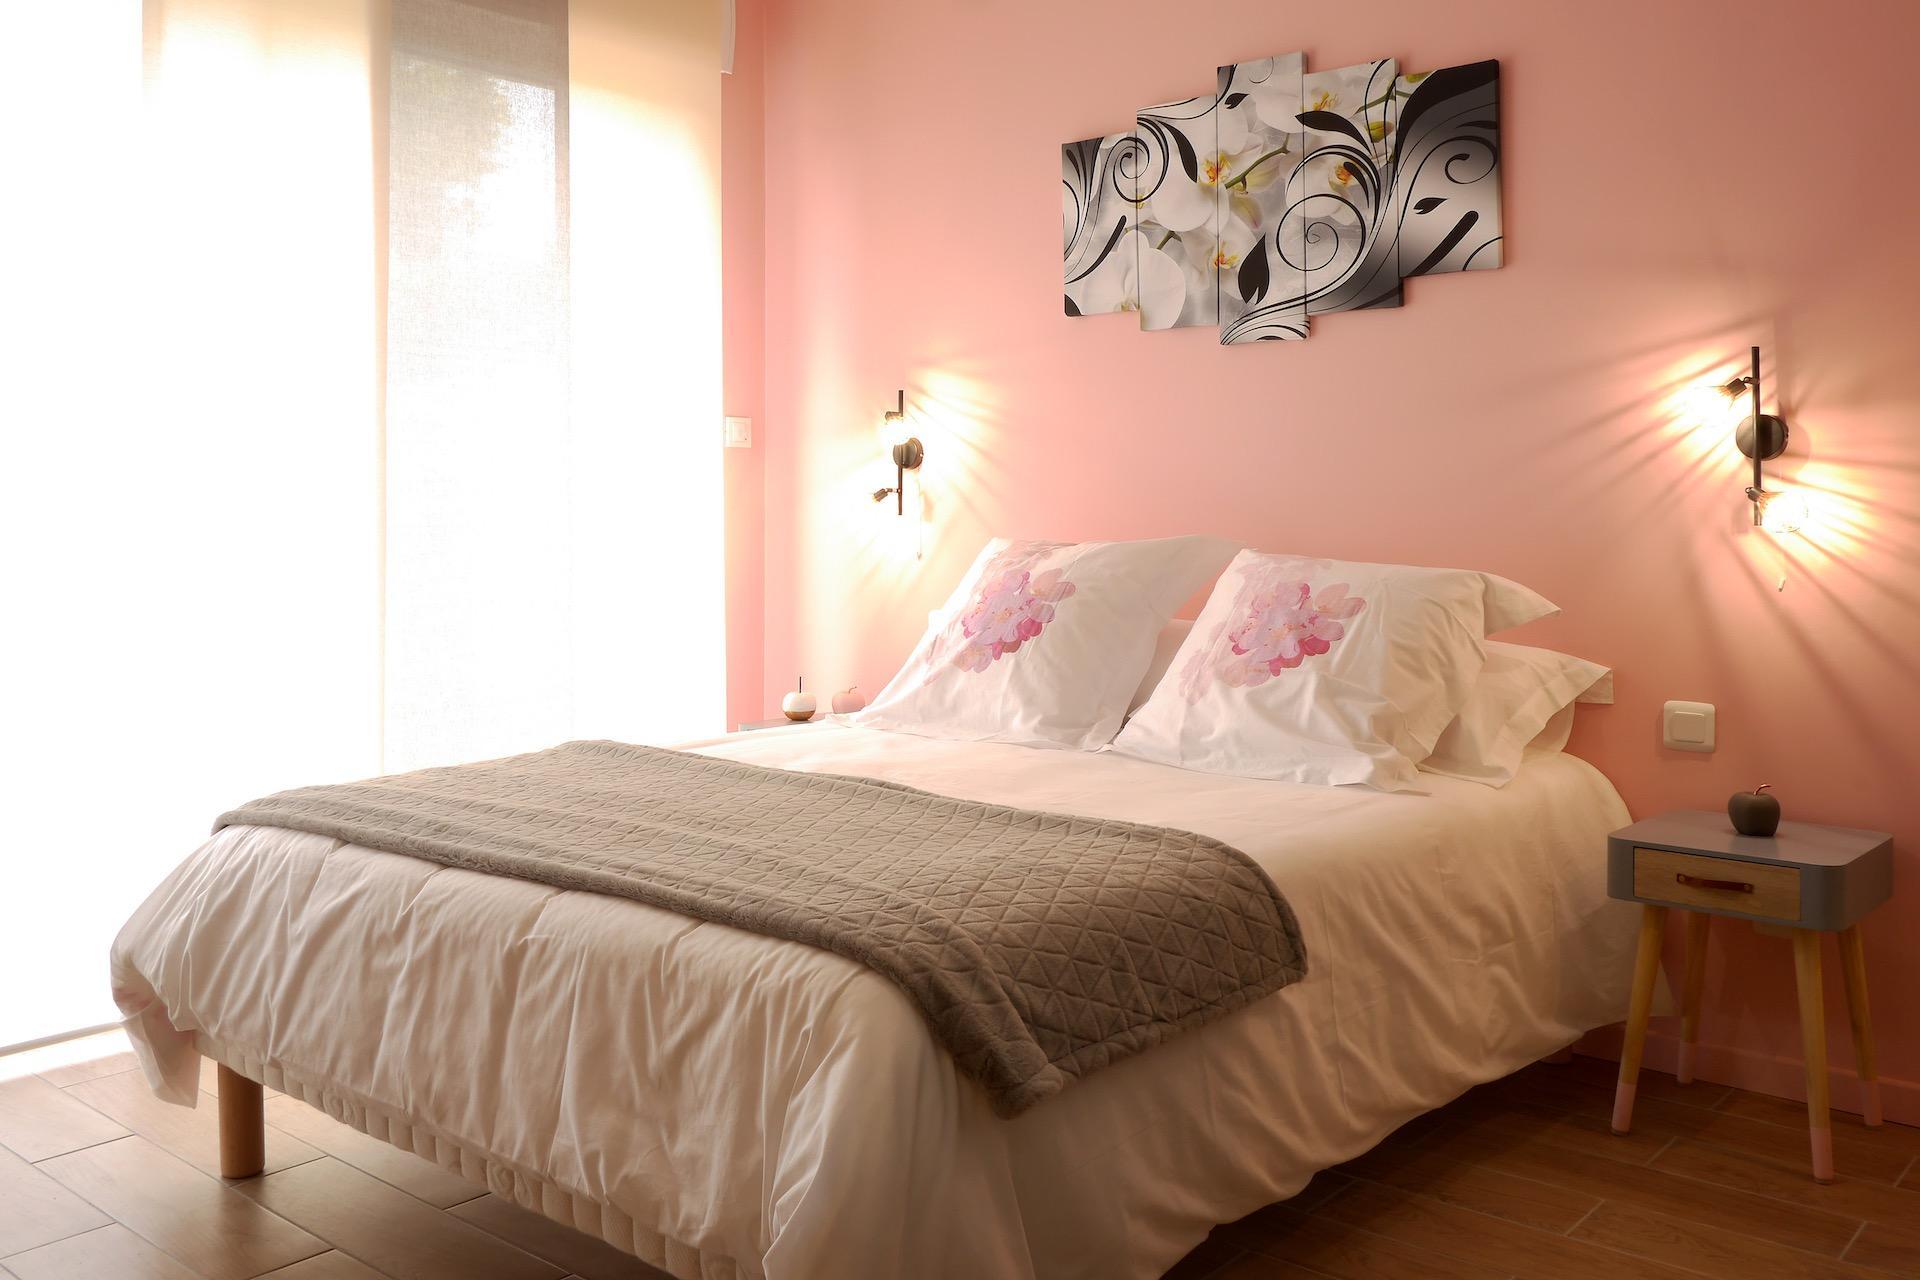 Chambre d'hôtes style indus Honfleur - vue de la salle de bains vers la tête de lit rose poudré et les panneaux japonais © francois louchet, par CREA DECO, Décoratrice UFDI à Honfleur, Deauville, Caen - 14